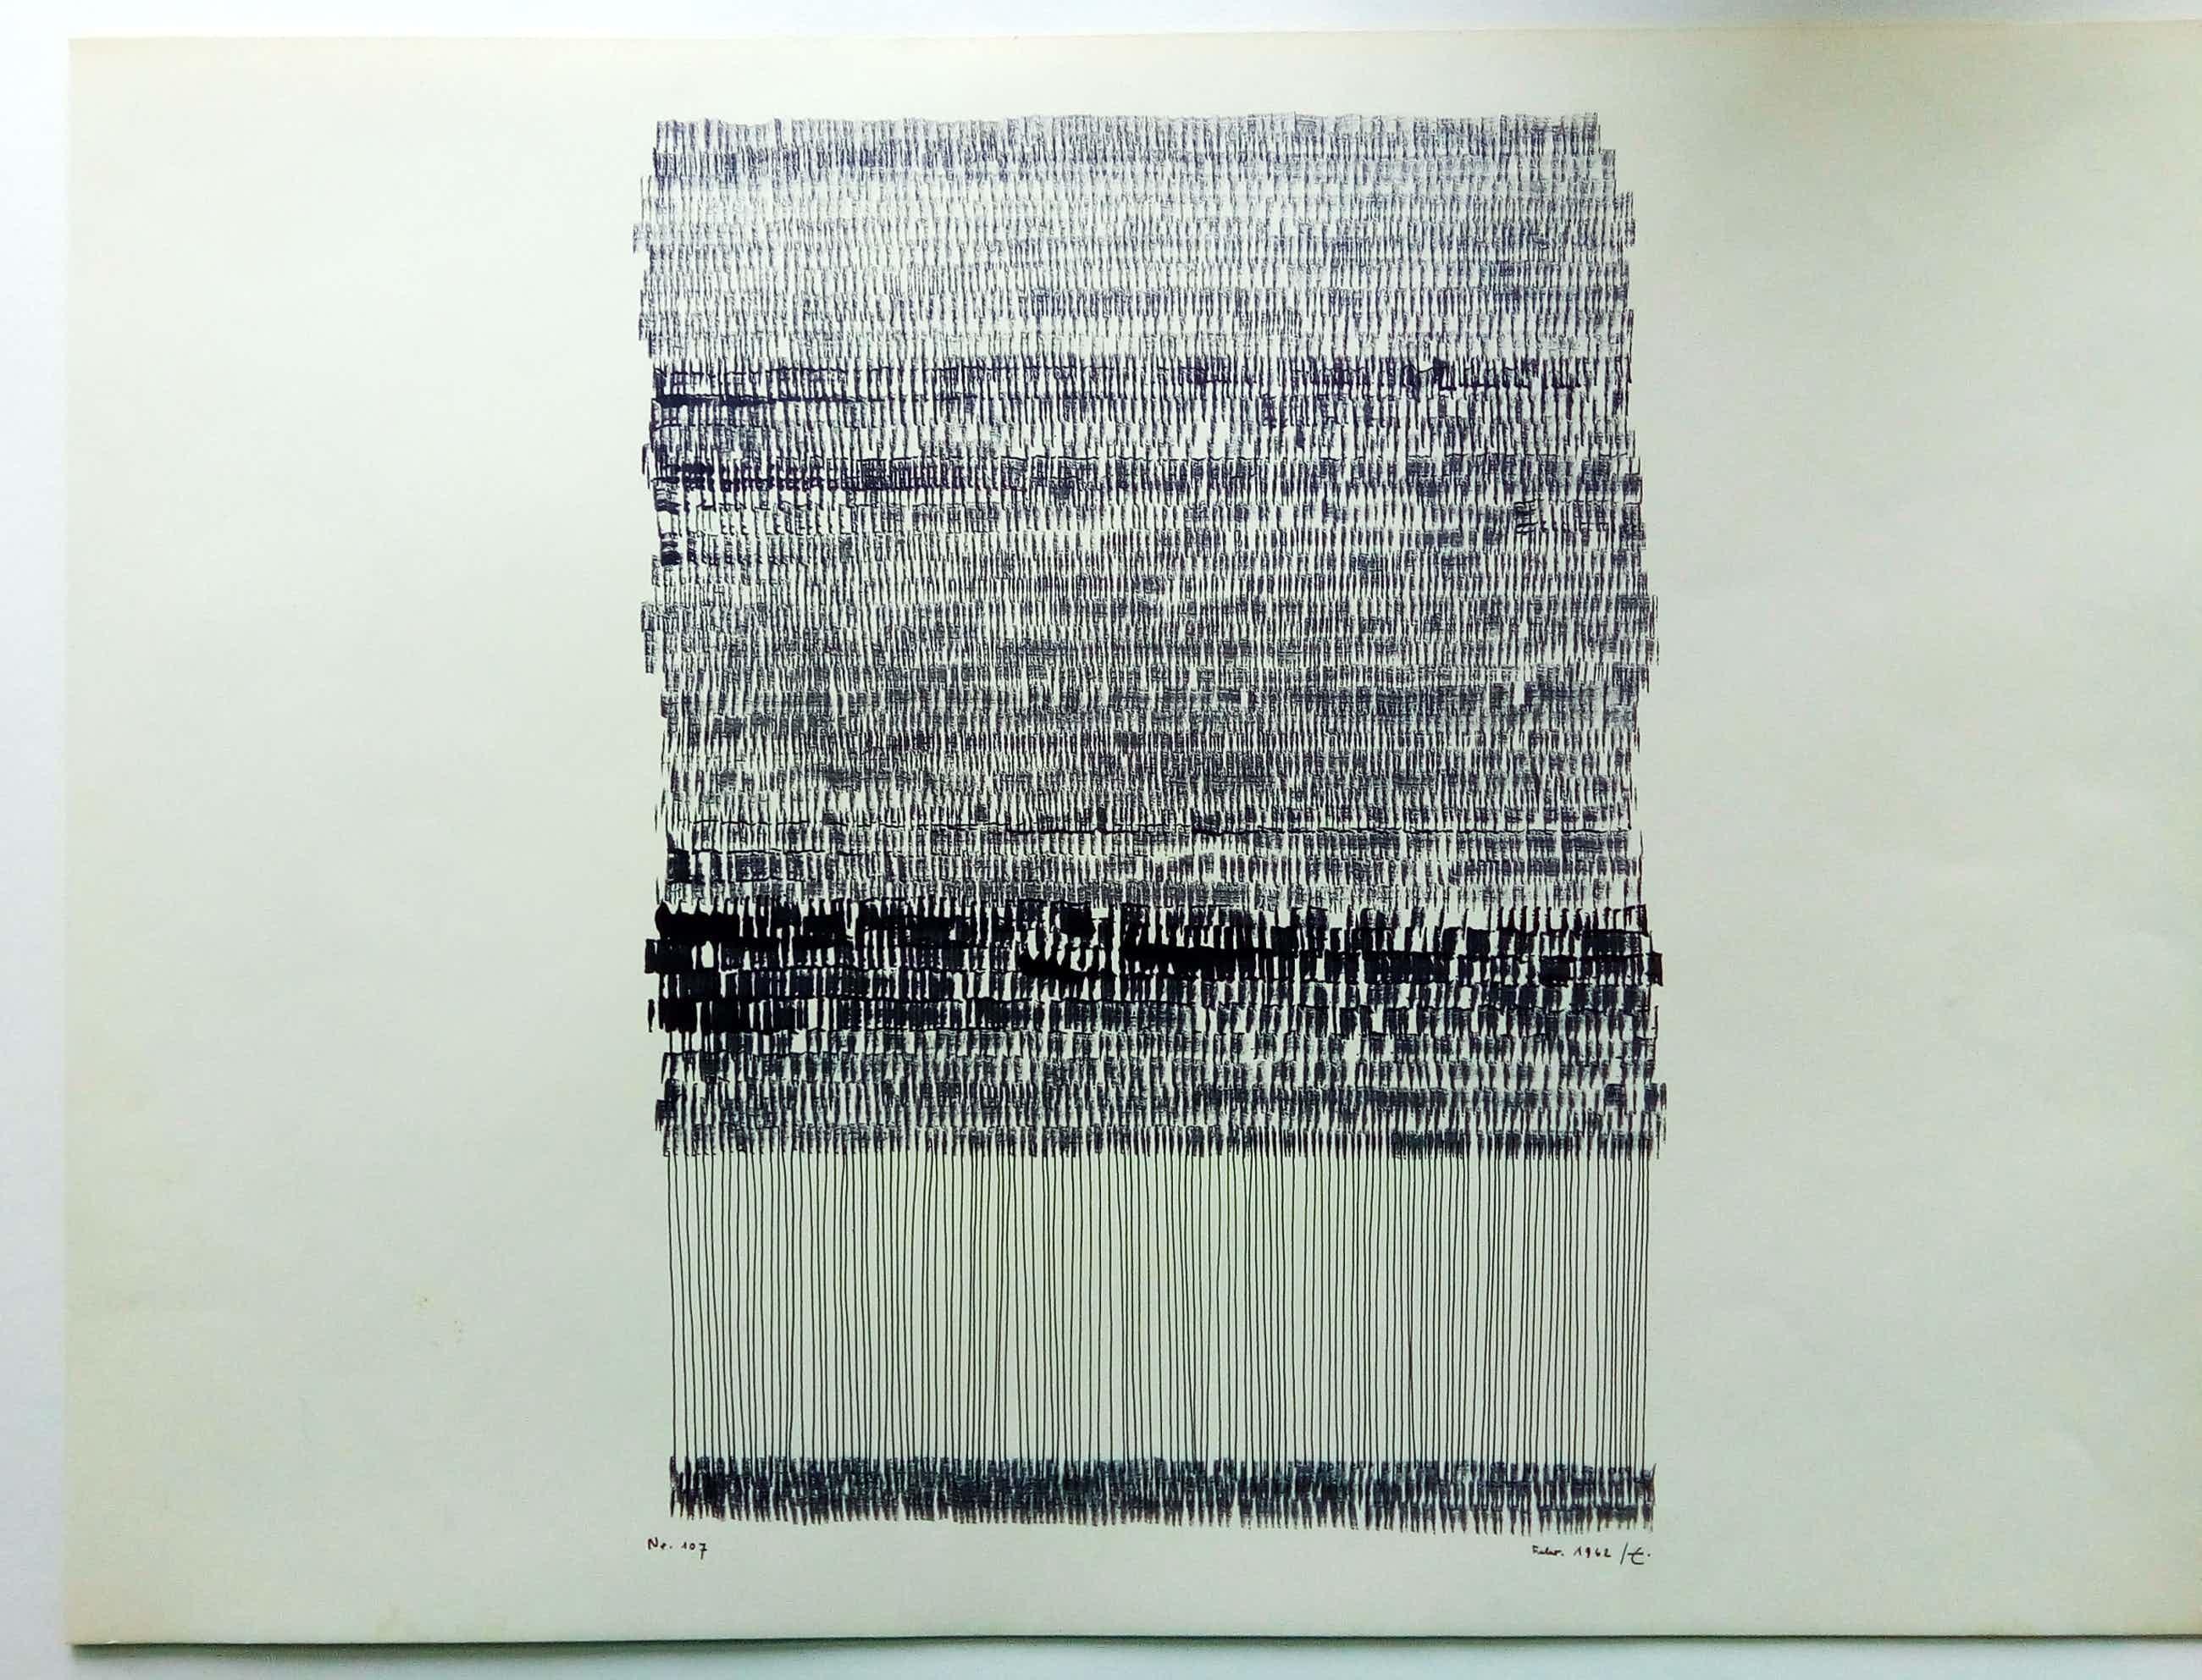 Rudolf Englert - Linien, Werk Nr. 107 kopen? Bied vanaf 300!